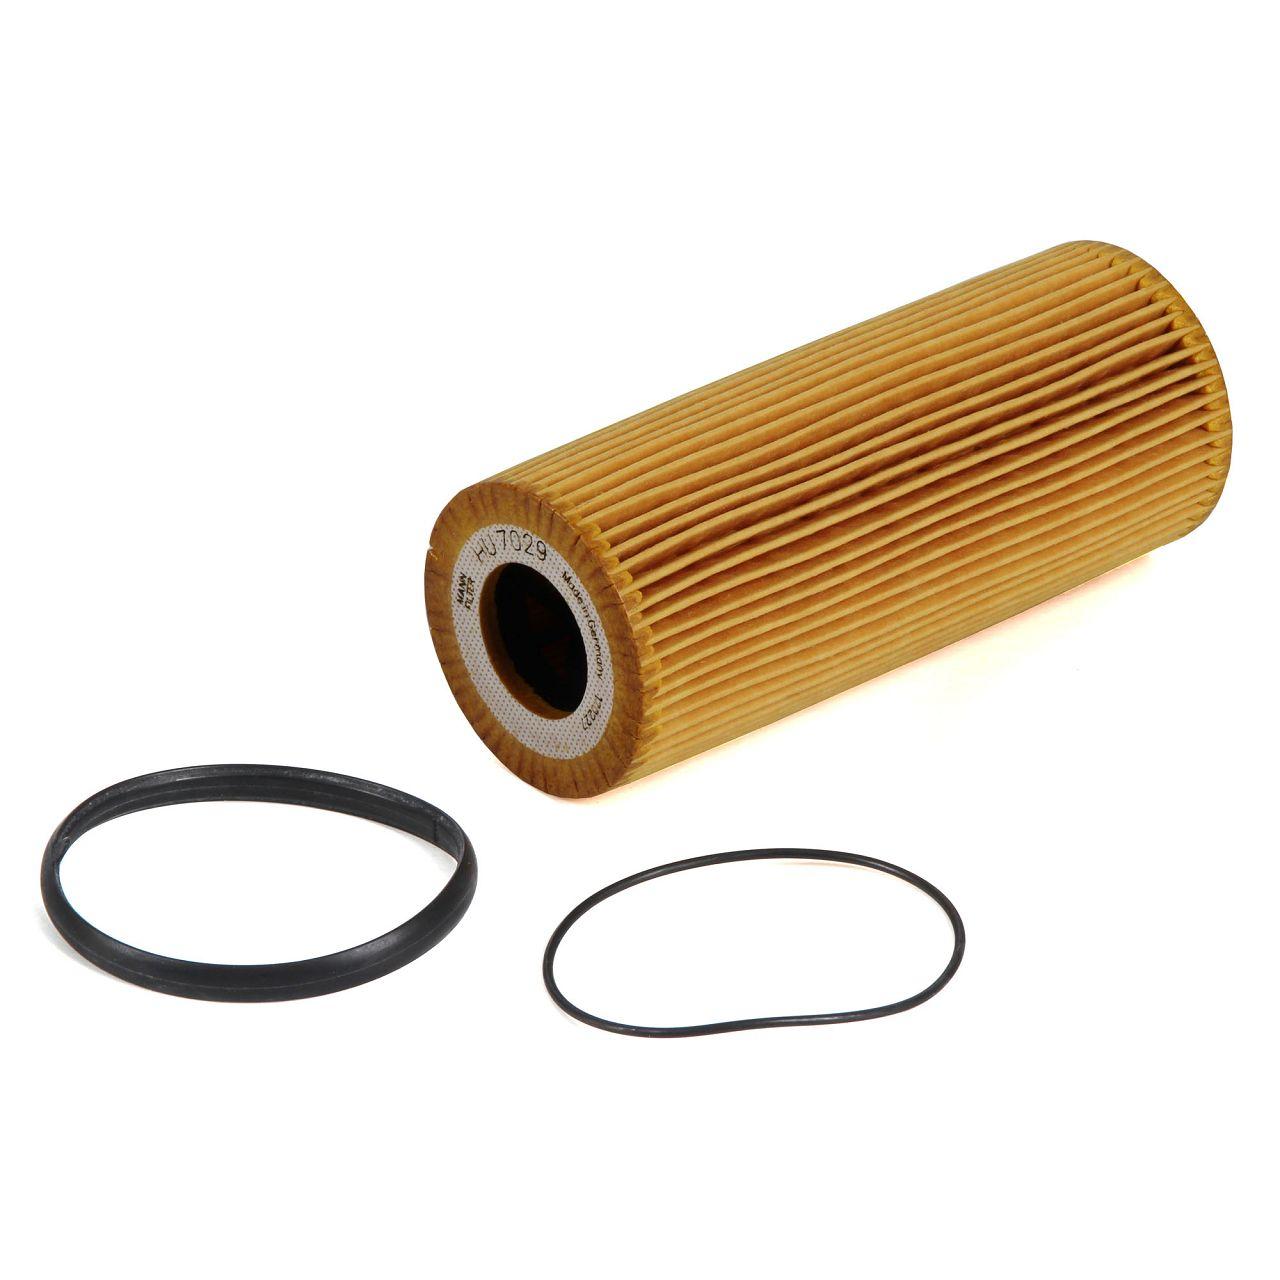 MANN Inspektionskit Filterpaket für AUDI Q7 (4LB) 3.0 TFSI quattro 272/333 PS